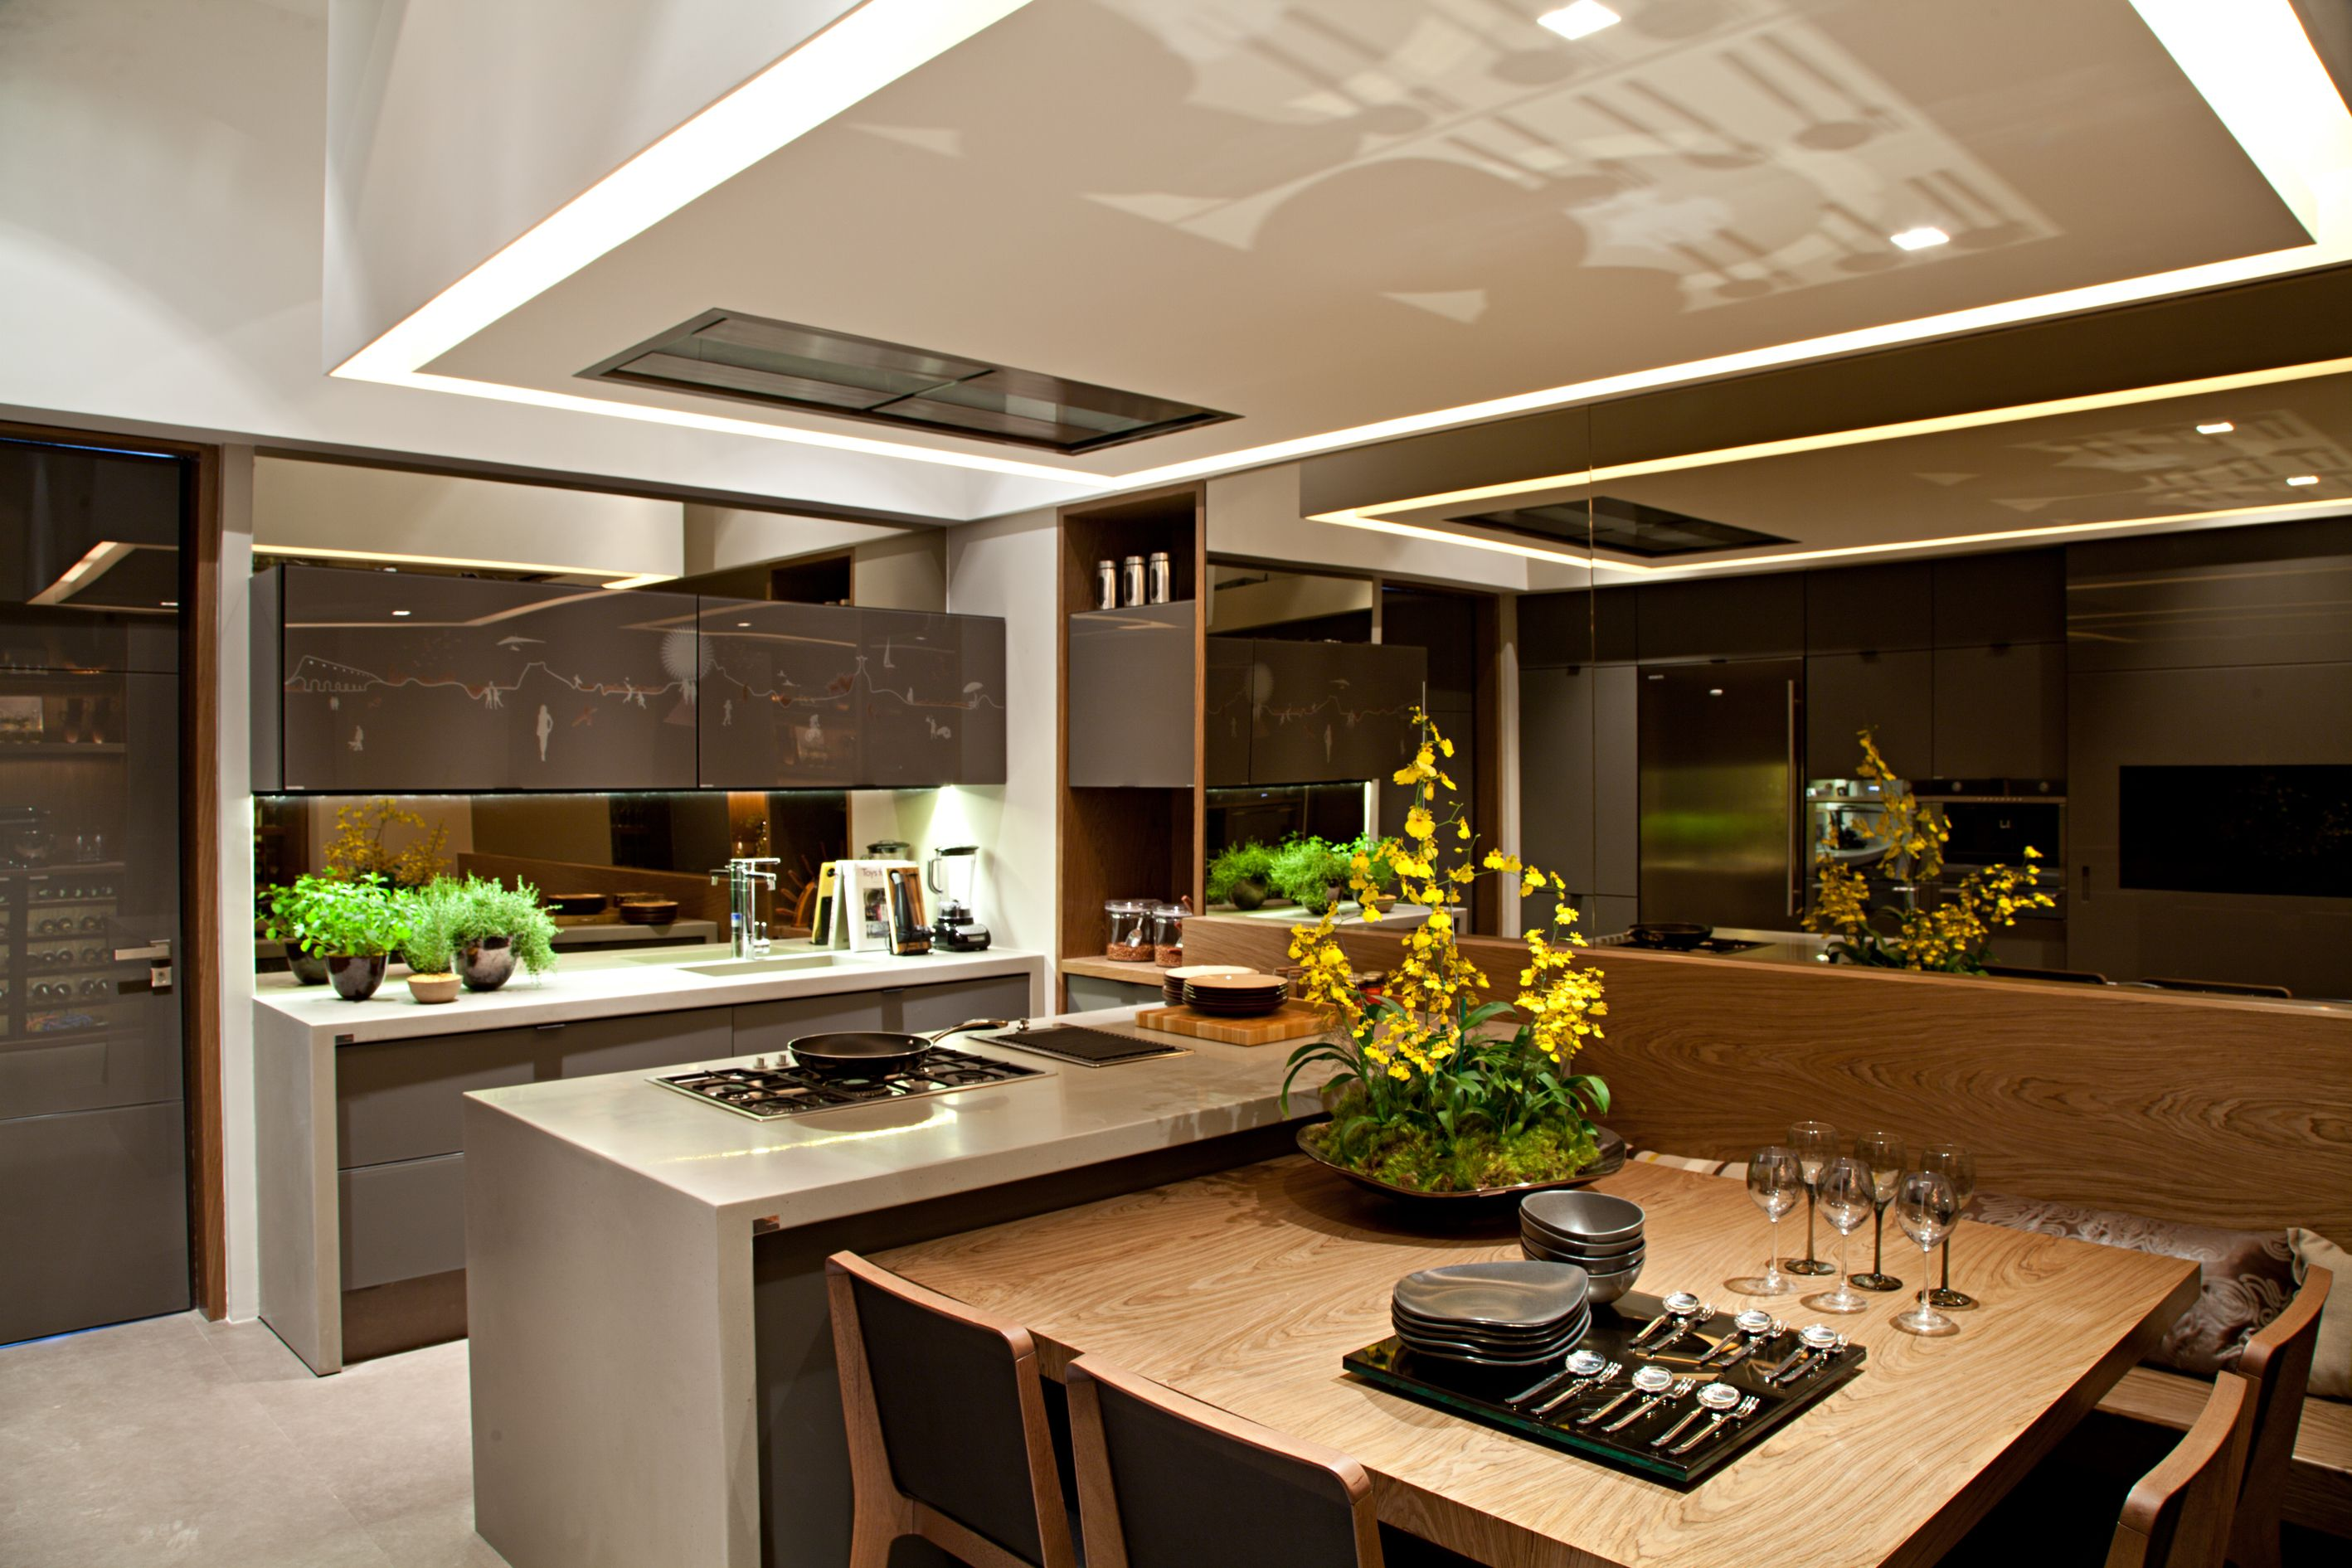 Innenarchitektur für küchenschrank cozinhas bonitas  pesquisa google  ceiling  pinterest